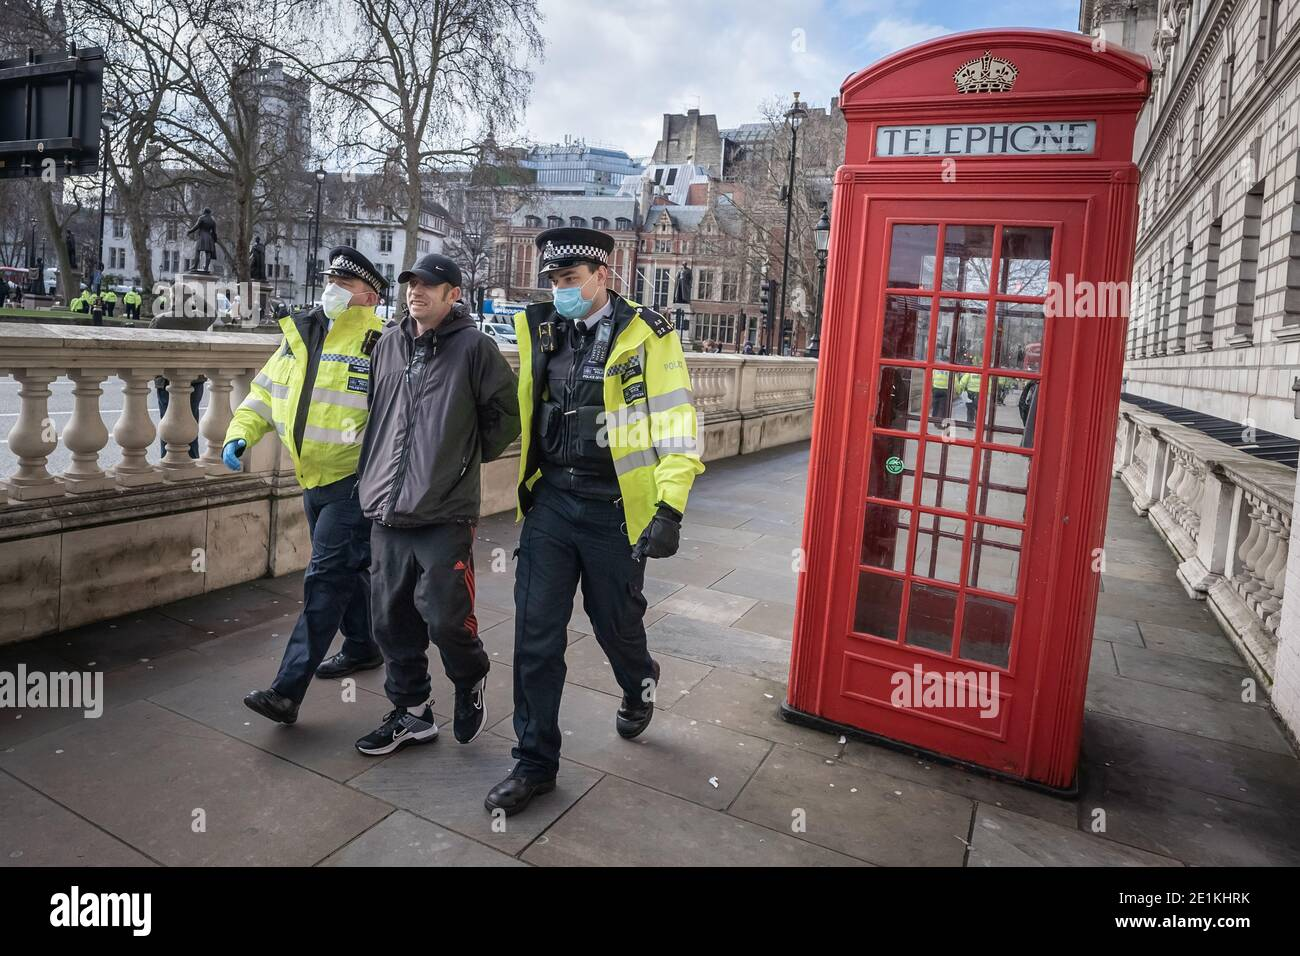 Coronavirus : des arrestations sont effectuées au cours d'une tentative de manifestation anti-verrouillage sur la place du Parlement, à Londres, contre les restrictions actuelles en matière de lock-down. Banque D'Images